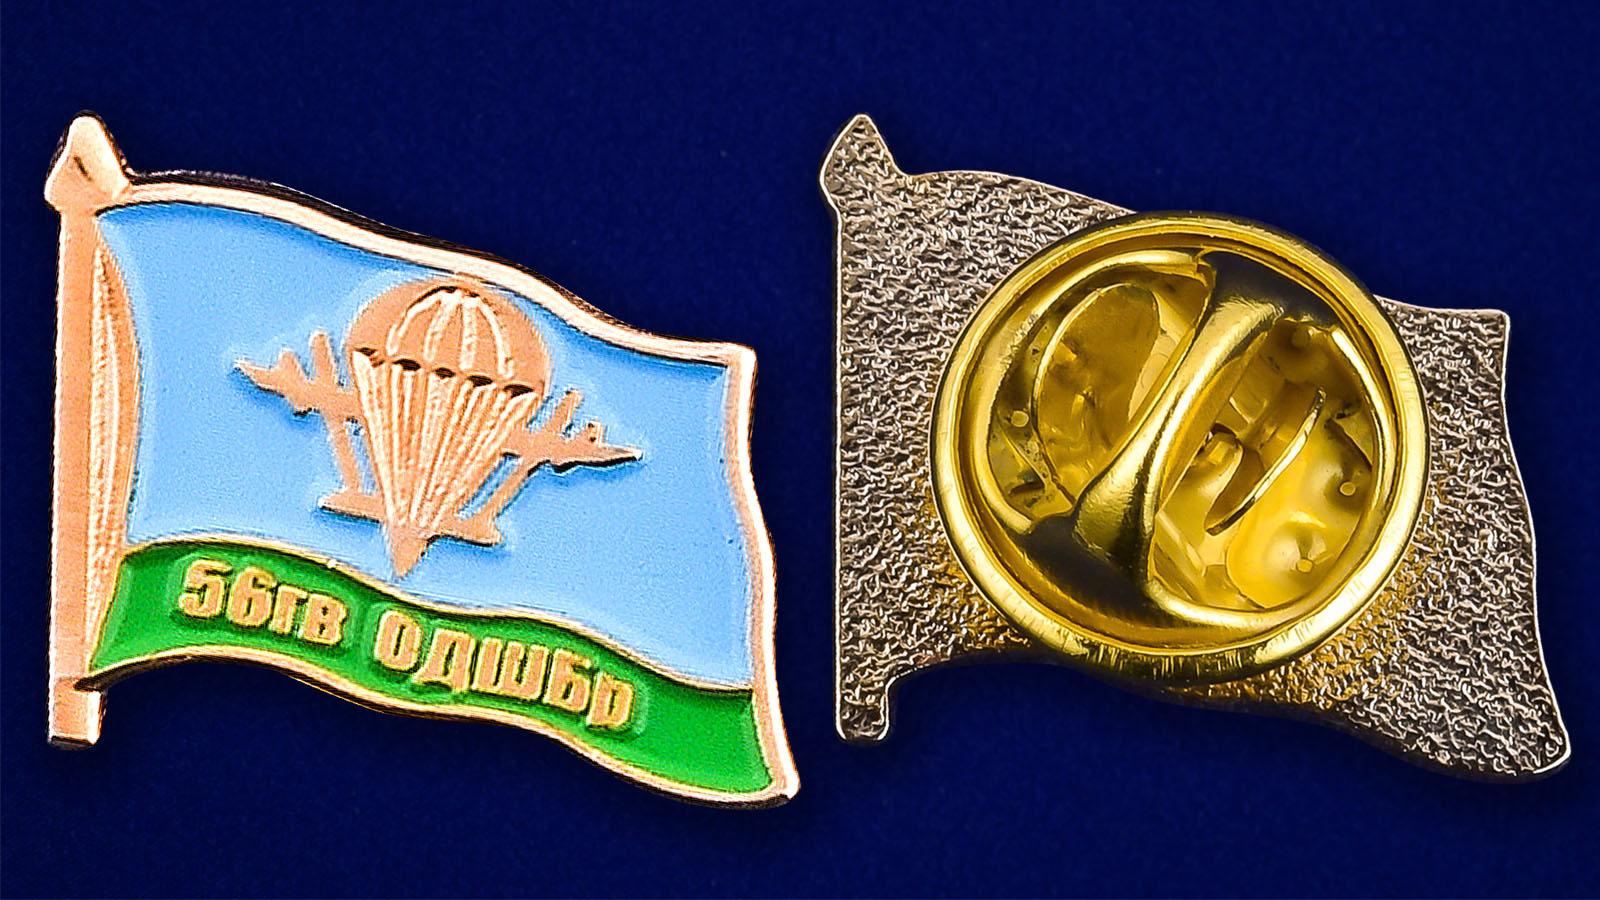 Значок для десантников в/ч 74507 из Камышин